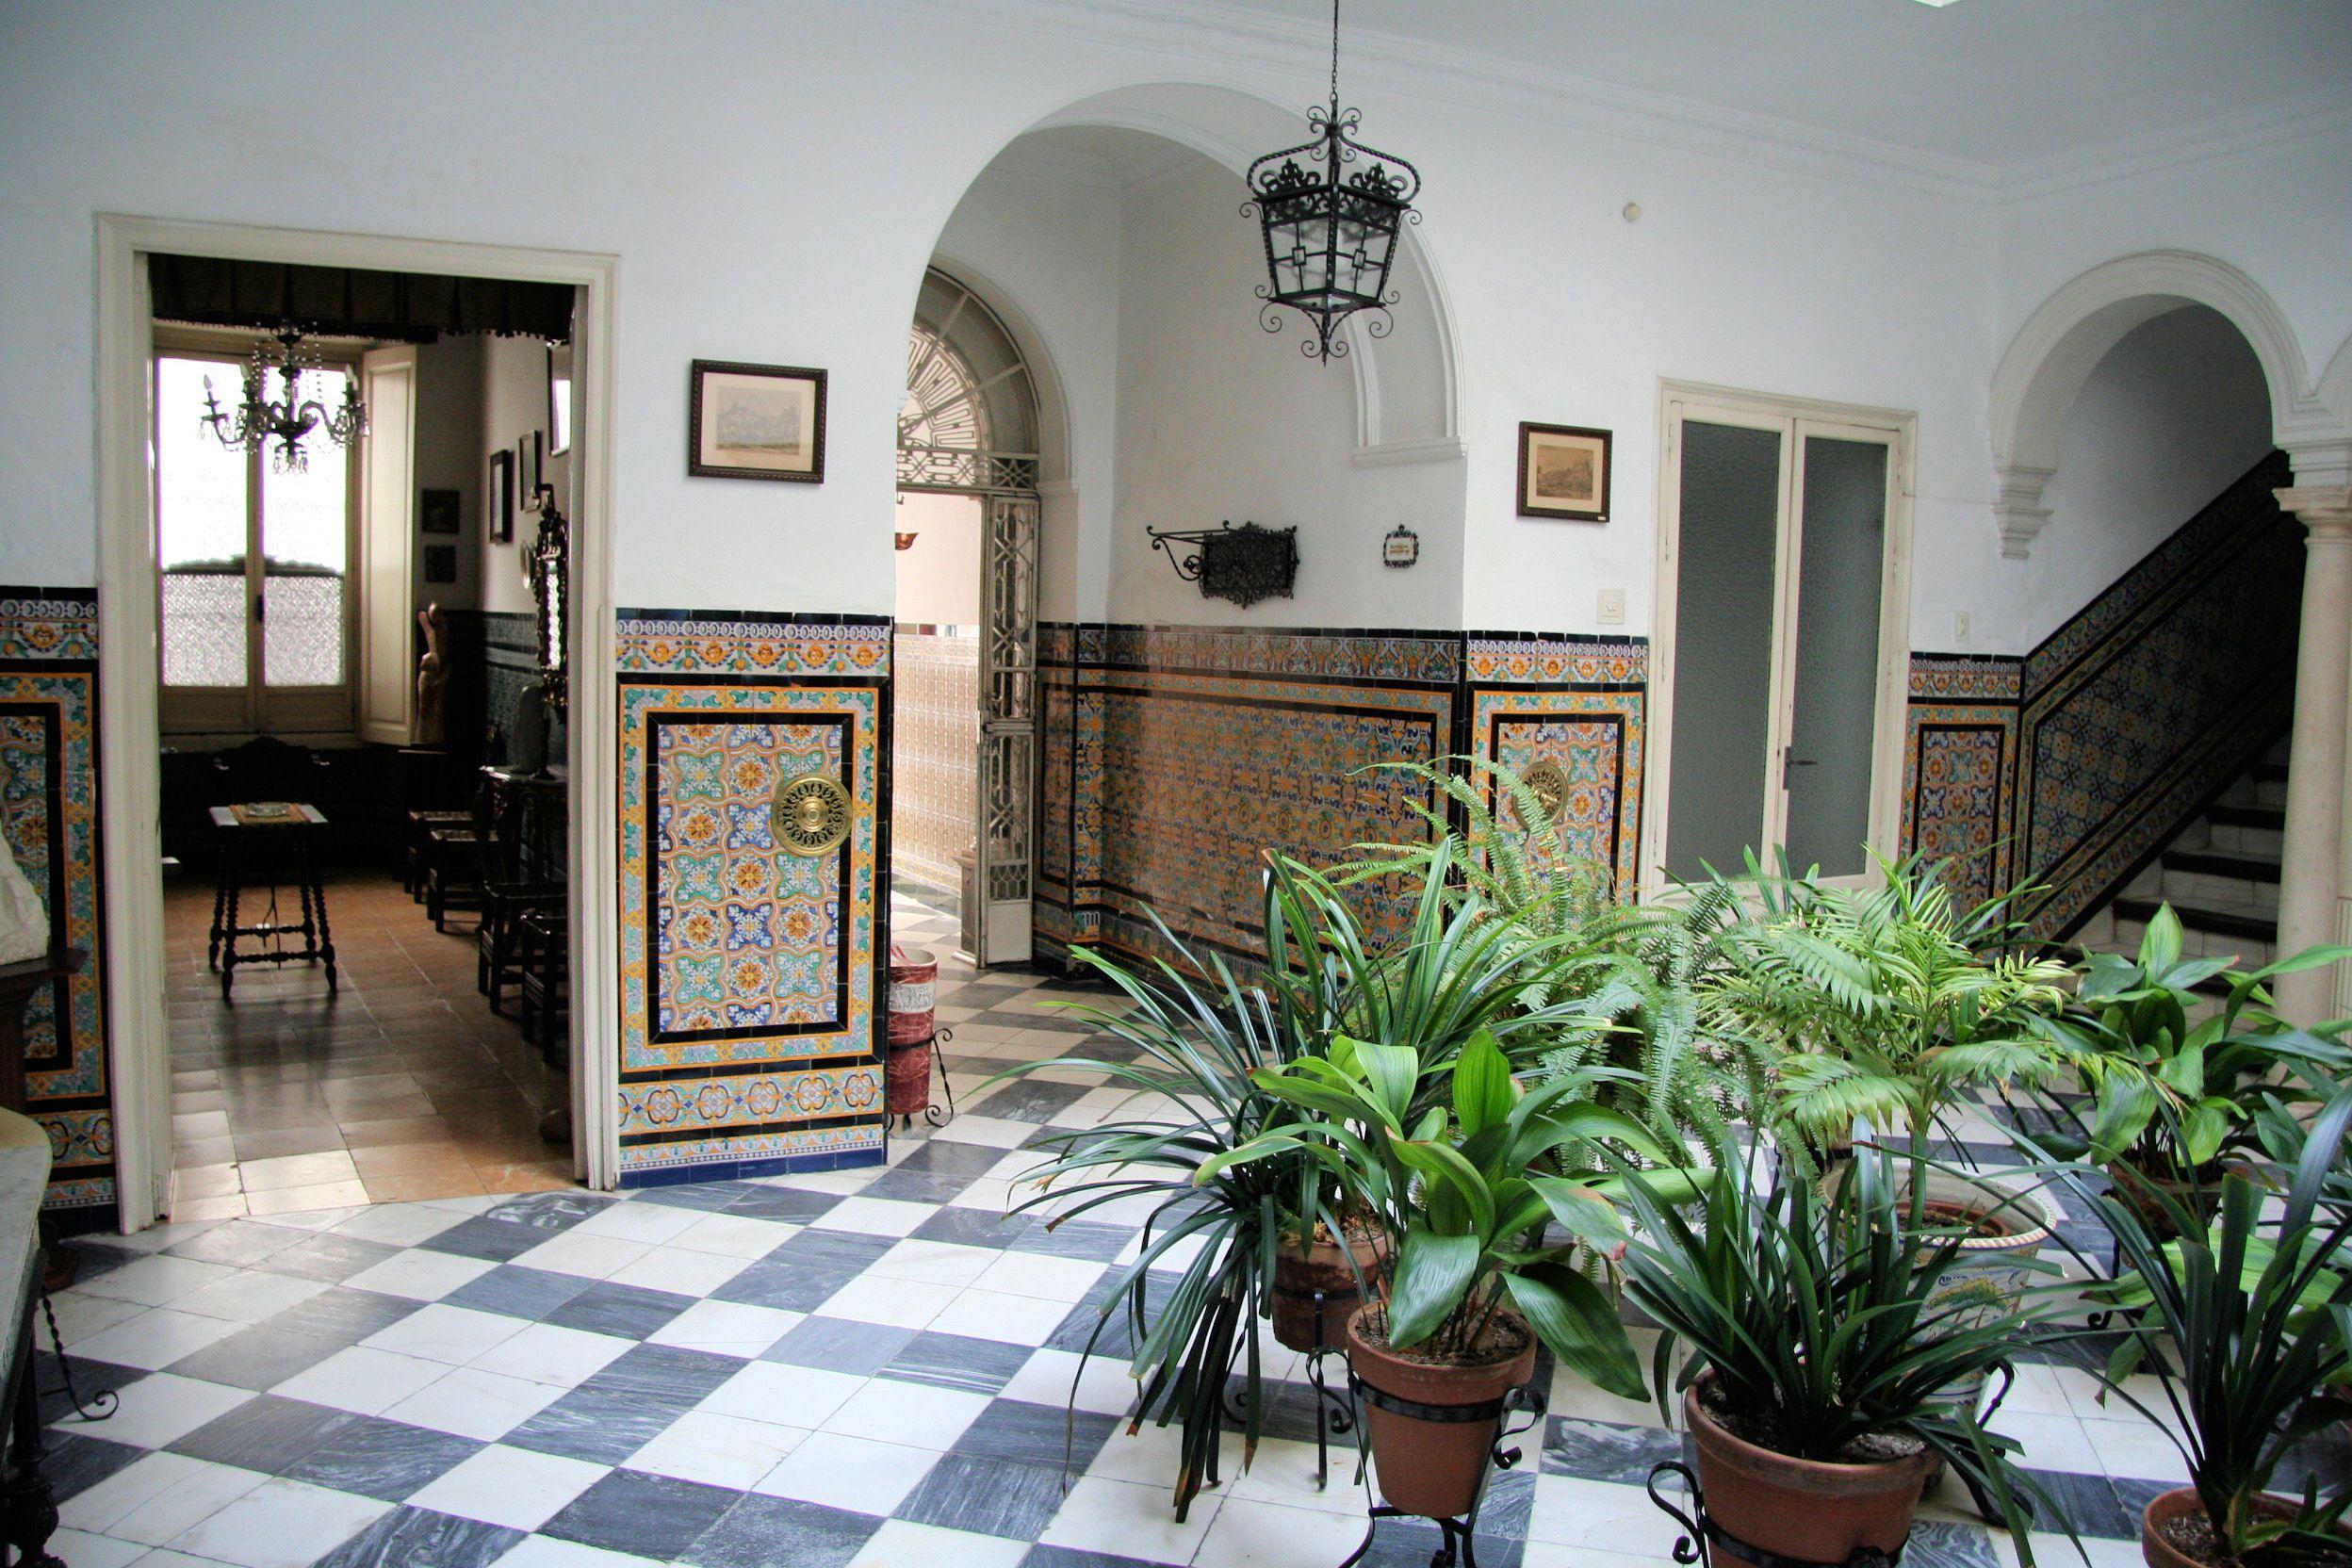 Una casa con patio en el centro de Sevilla. Casa con